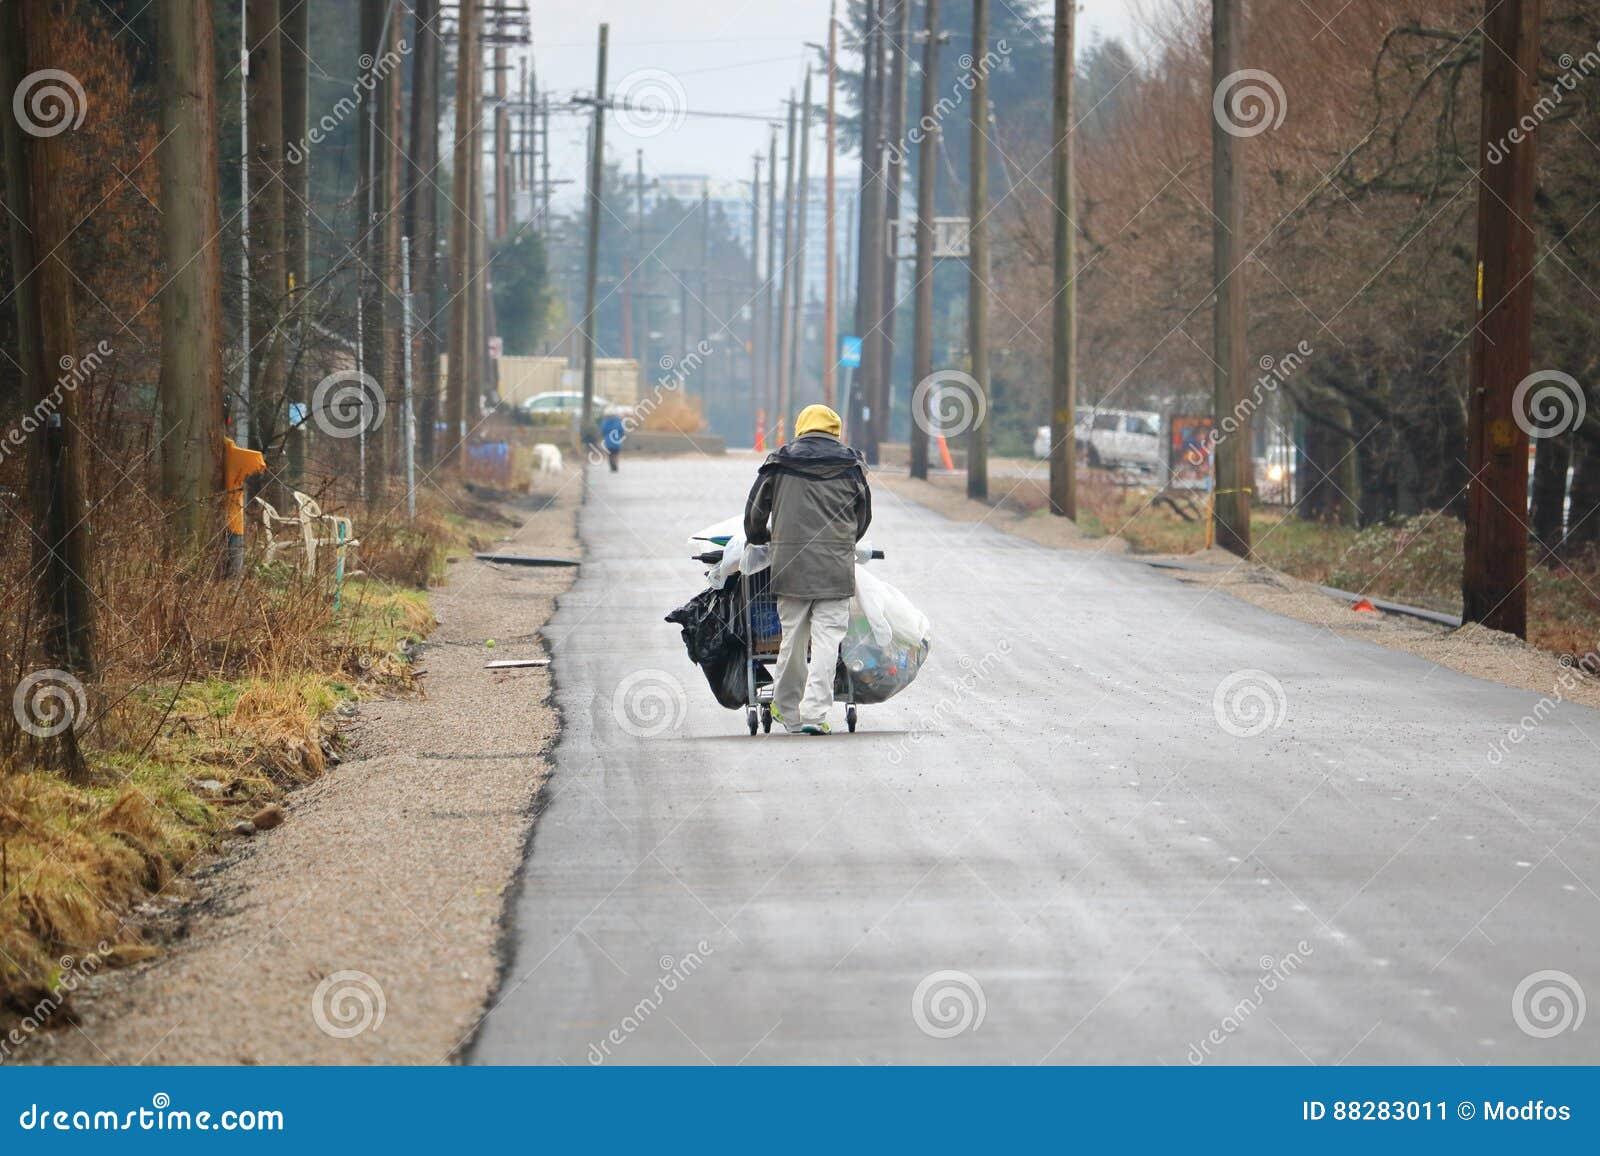 Gata Person Walks Alone